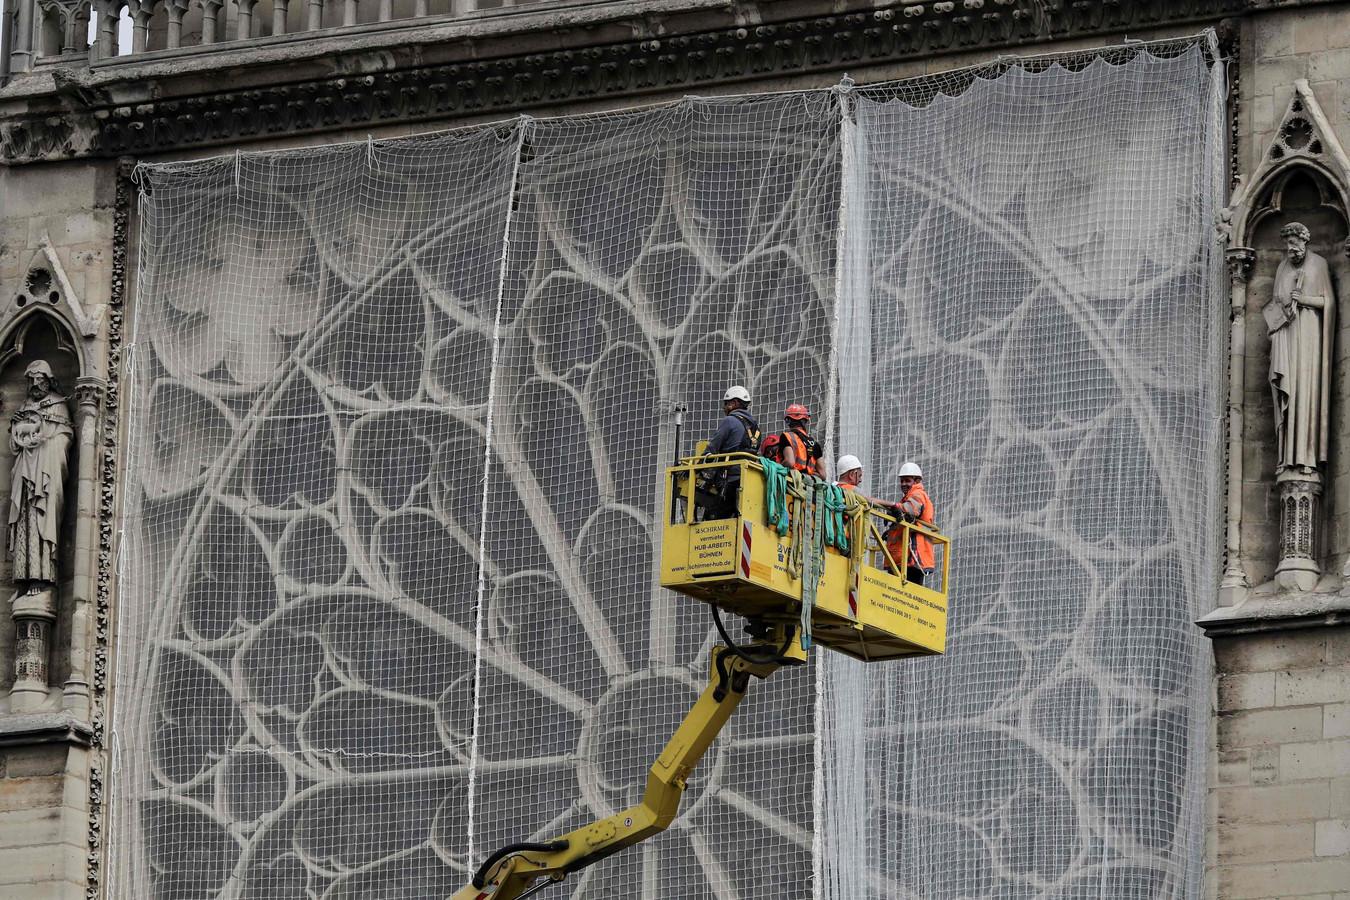 Voor de glasvensters worden netten gemonteerd.